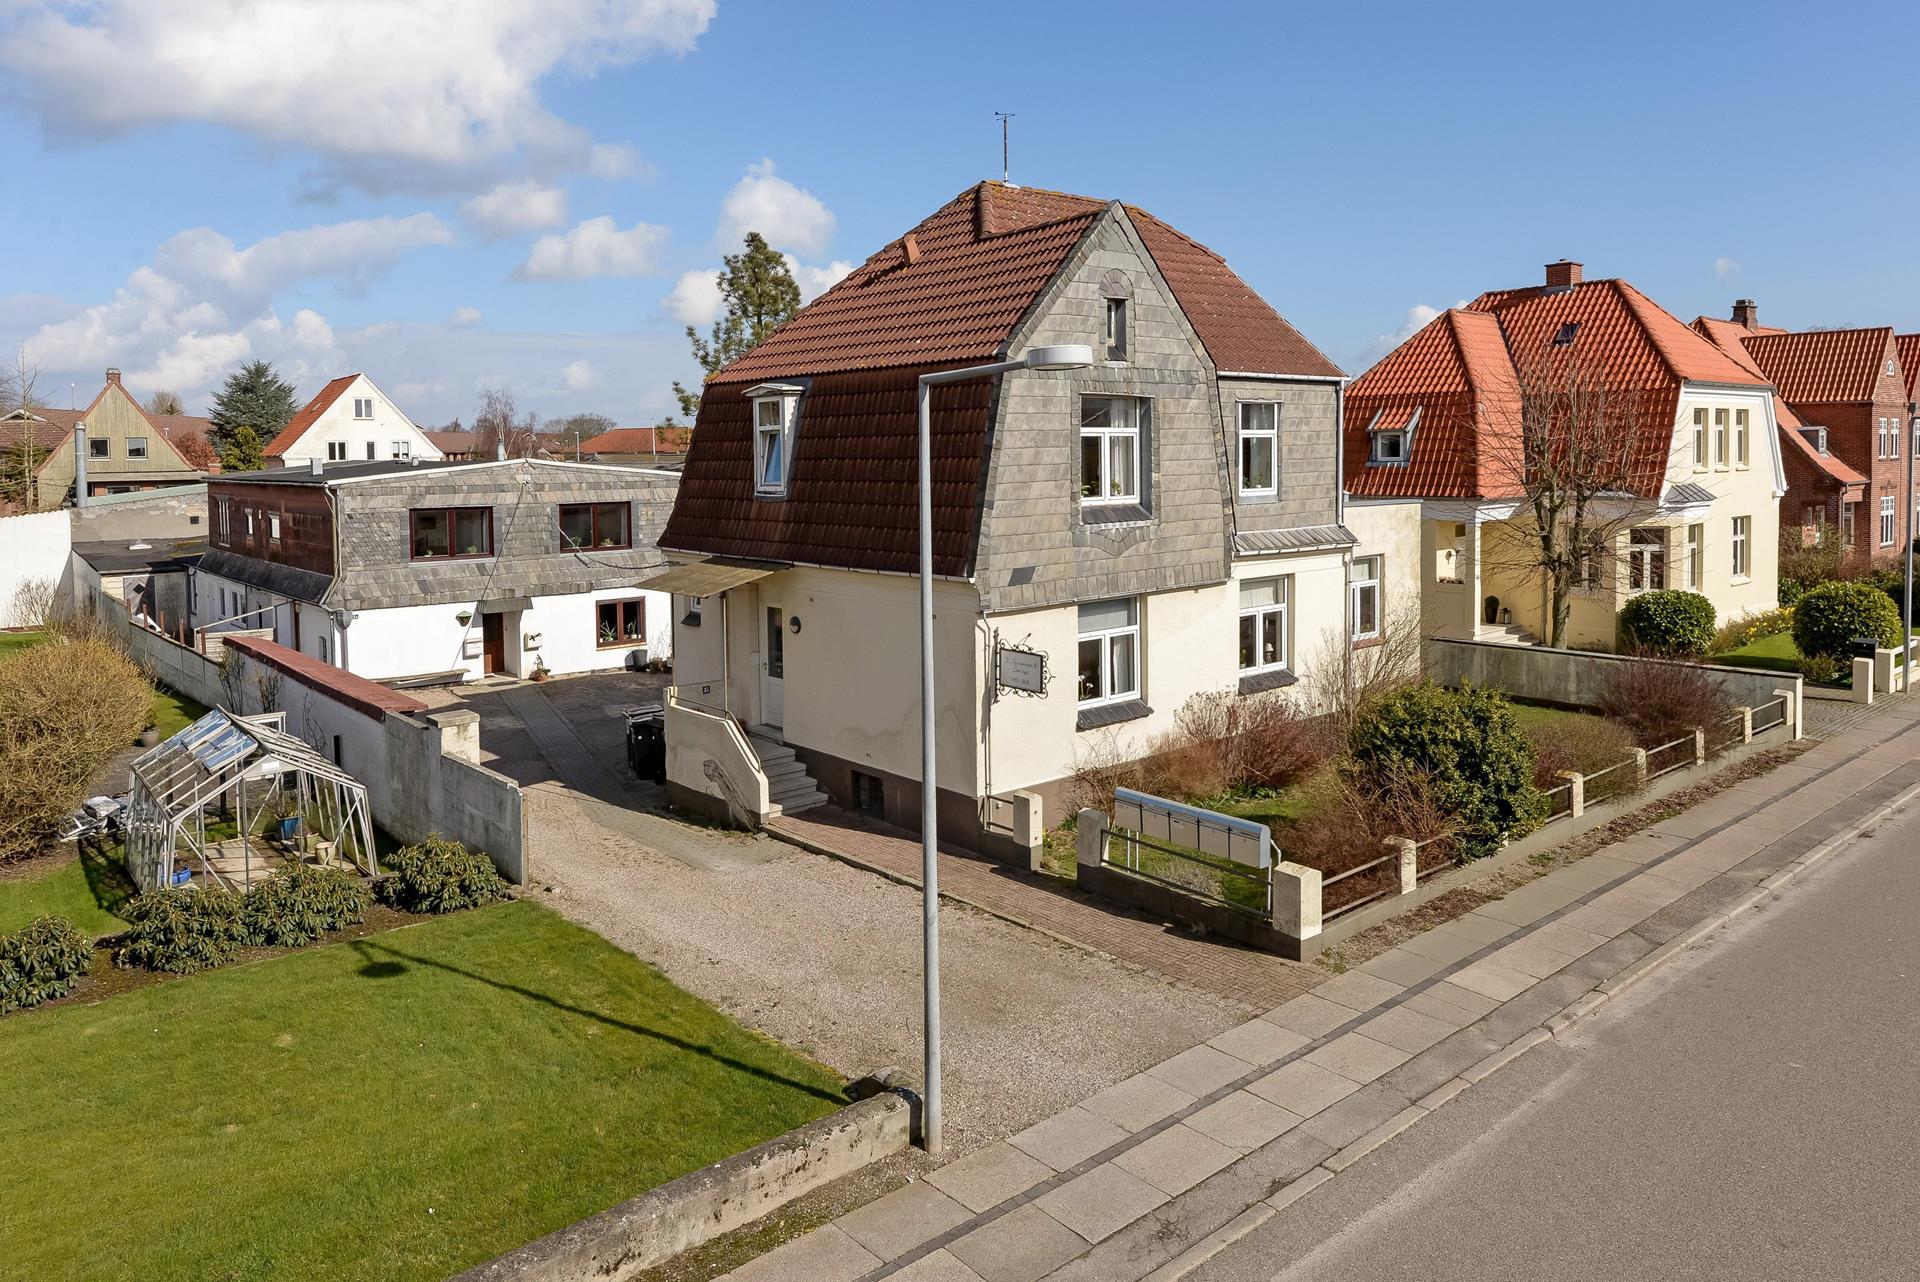 Bolig/erhverv på Goethesgade i Sønderborg - Ejendommen